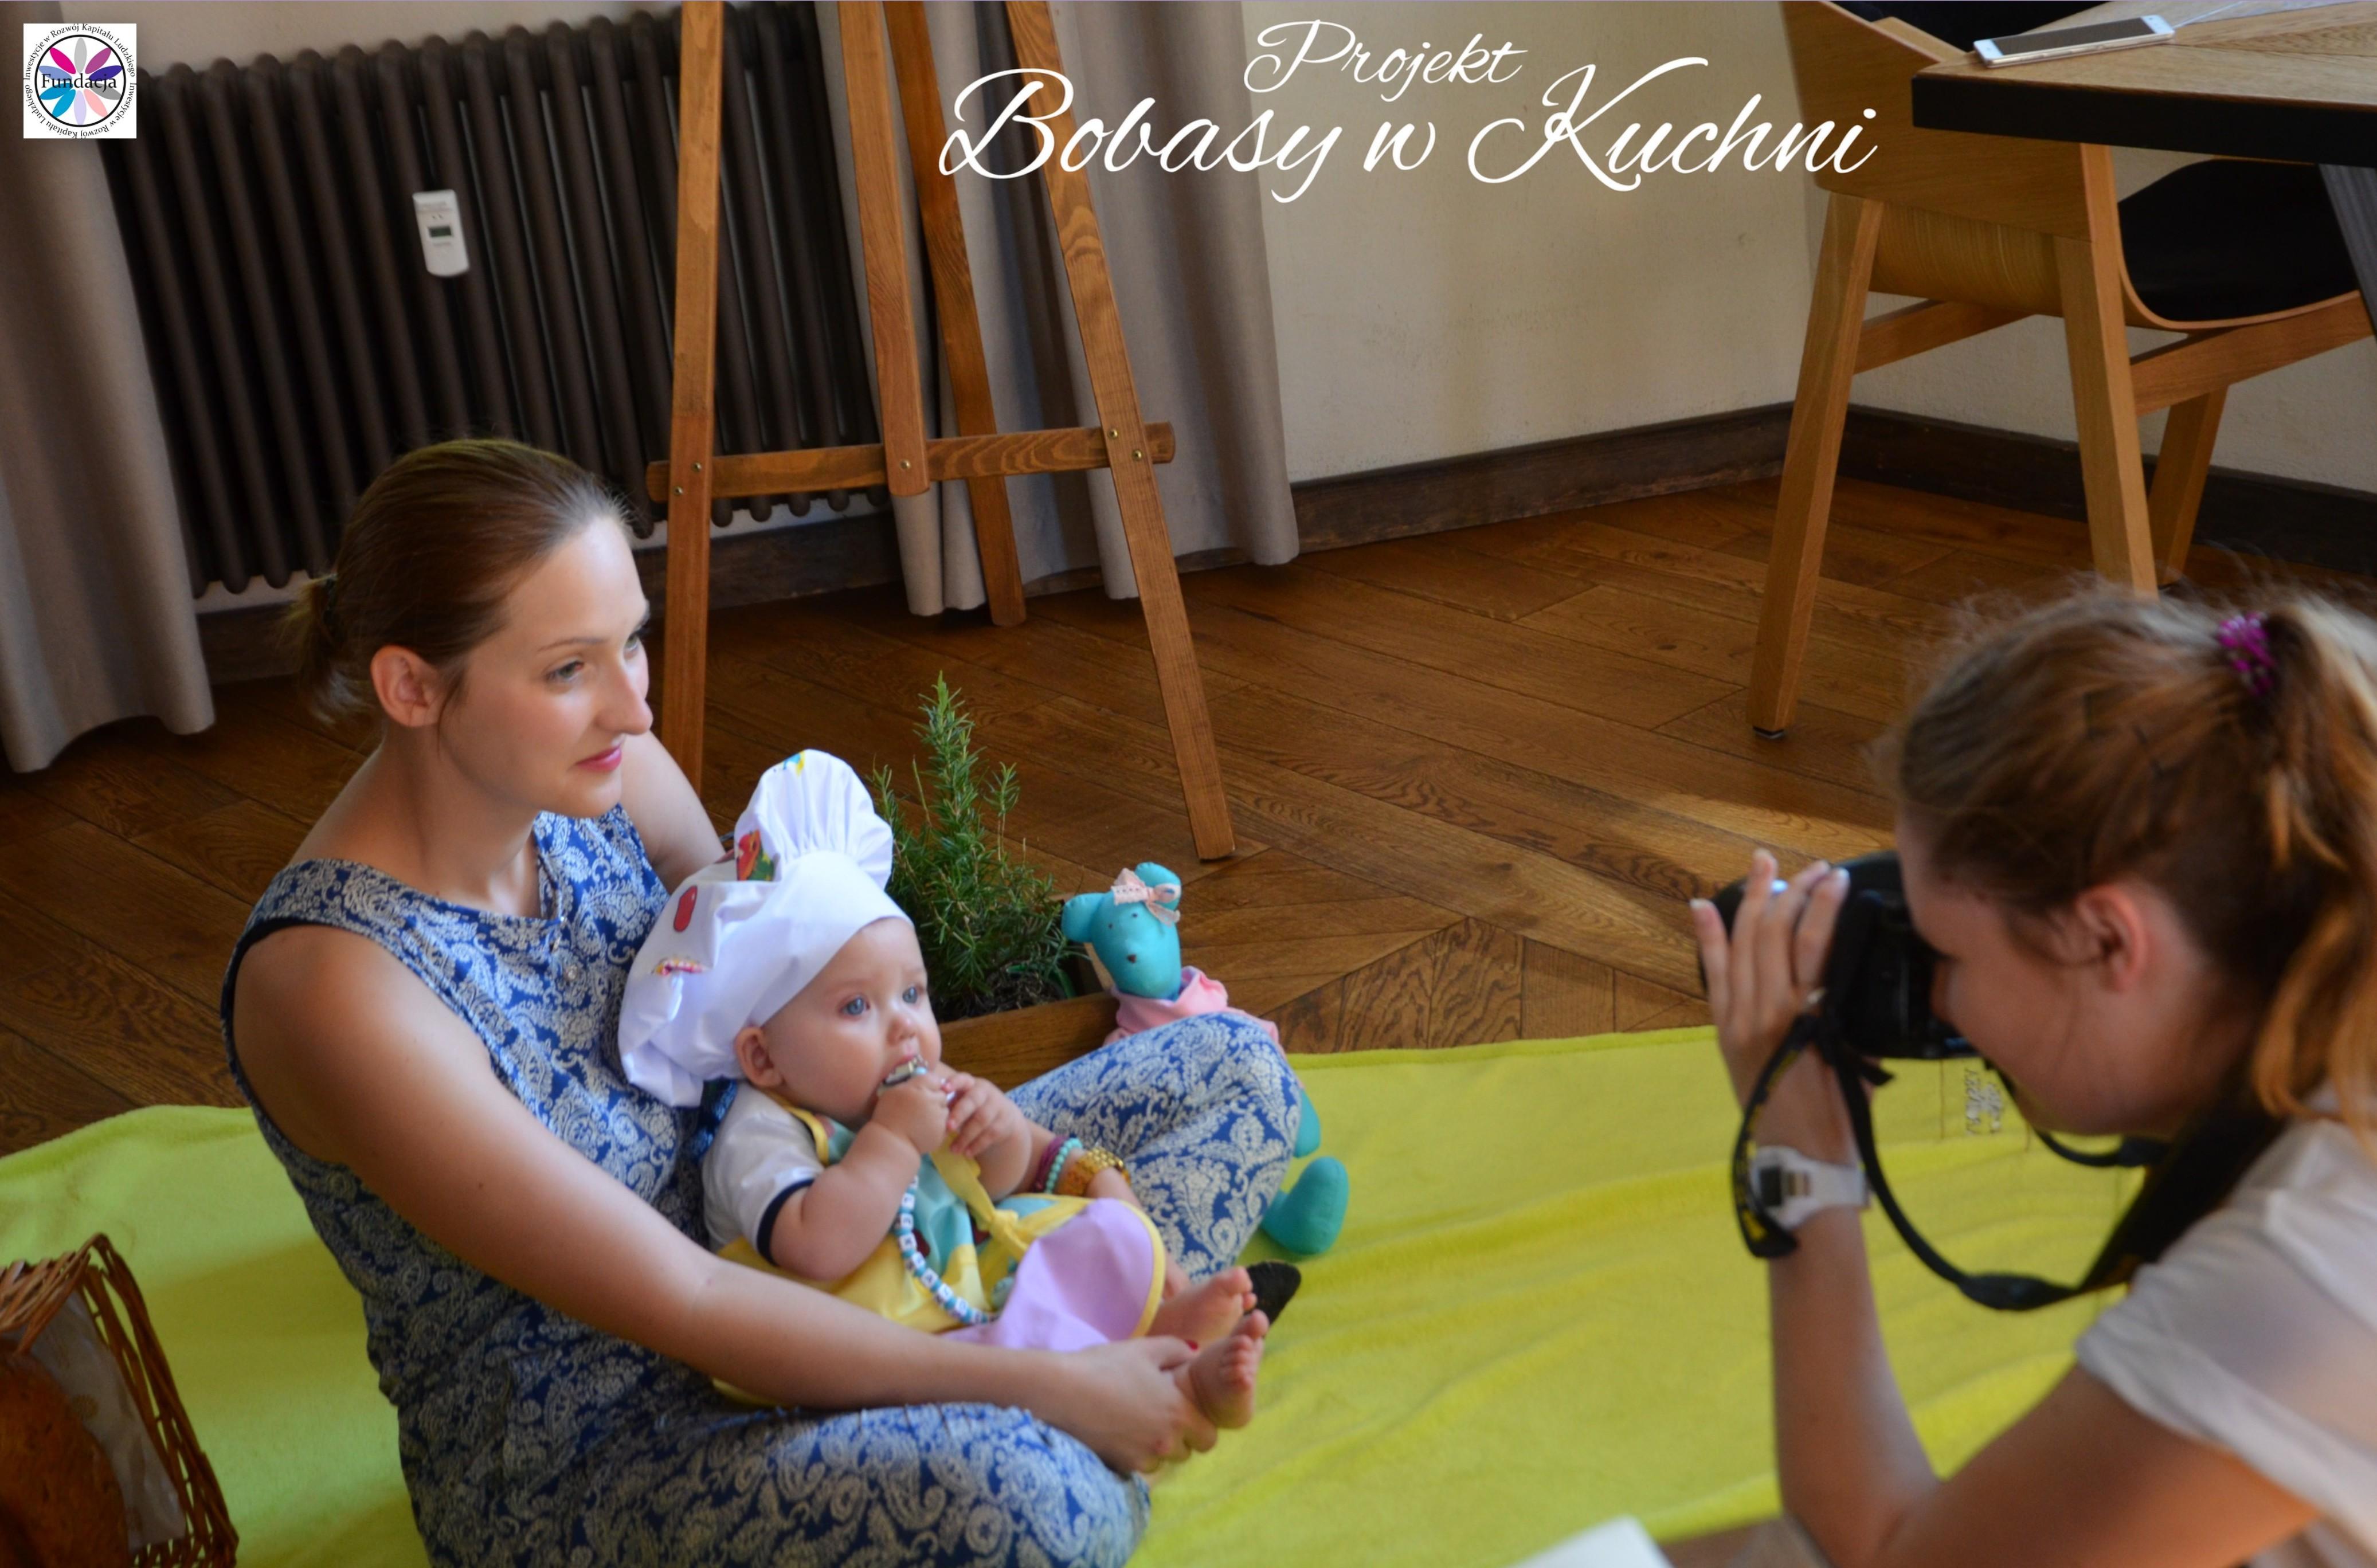 Wiktoria Olczak z Olkiem z projektu Bobasy w Kuchni sesja31